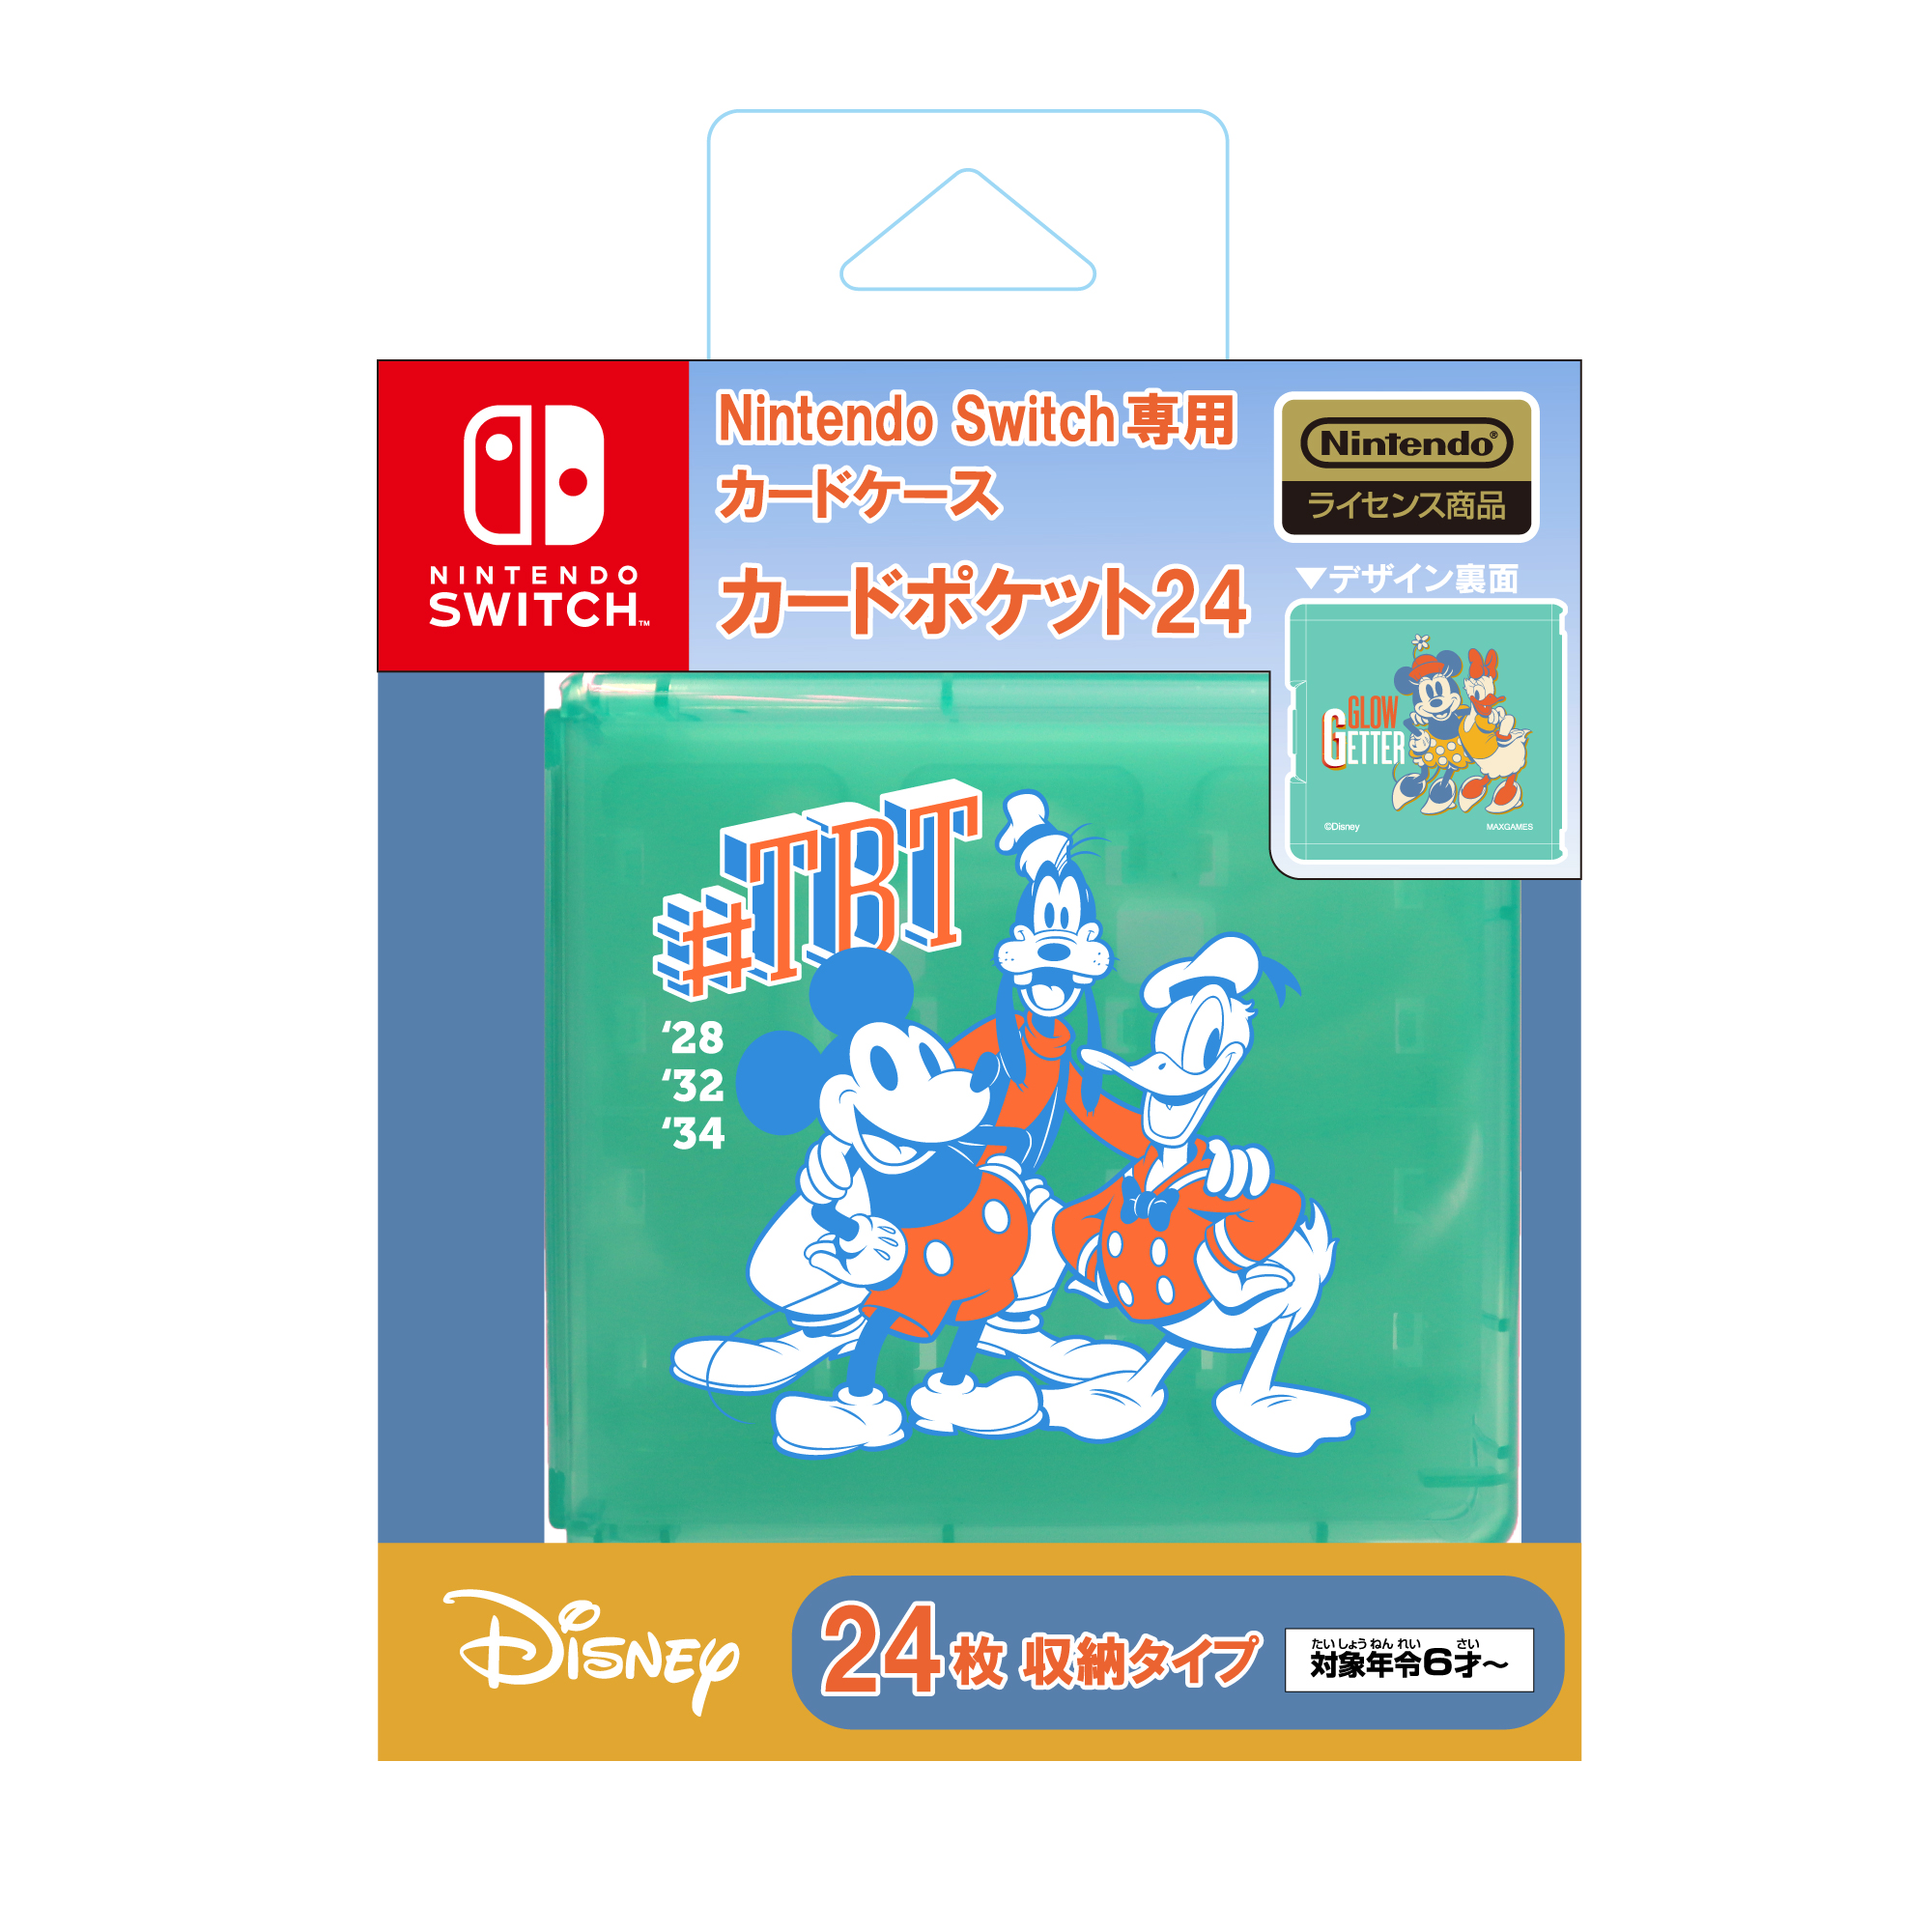 Nintendo Switch専用カードケース<br>カードポケット24 ミッキー&フレンズ(ミント)